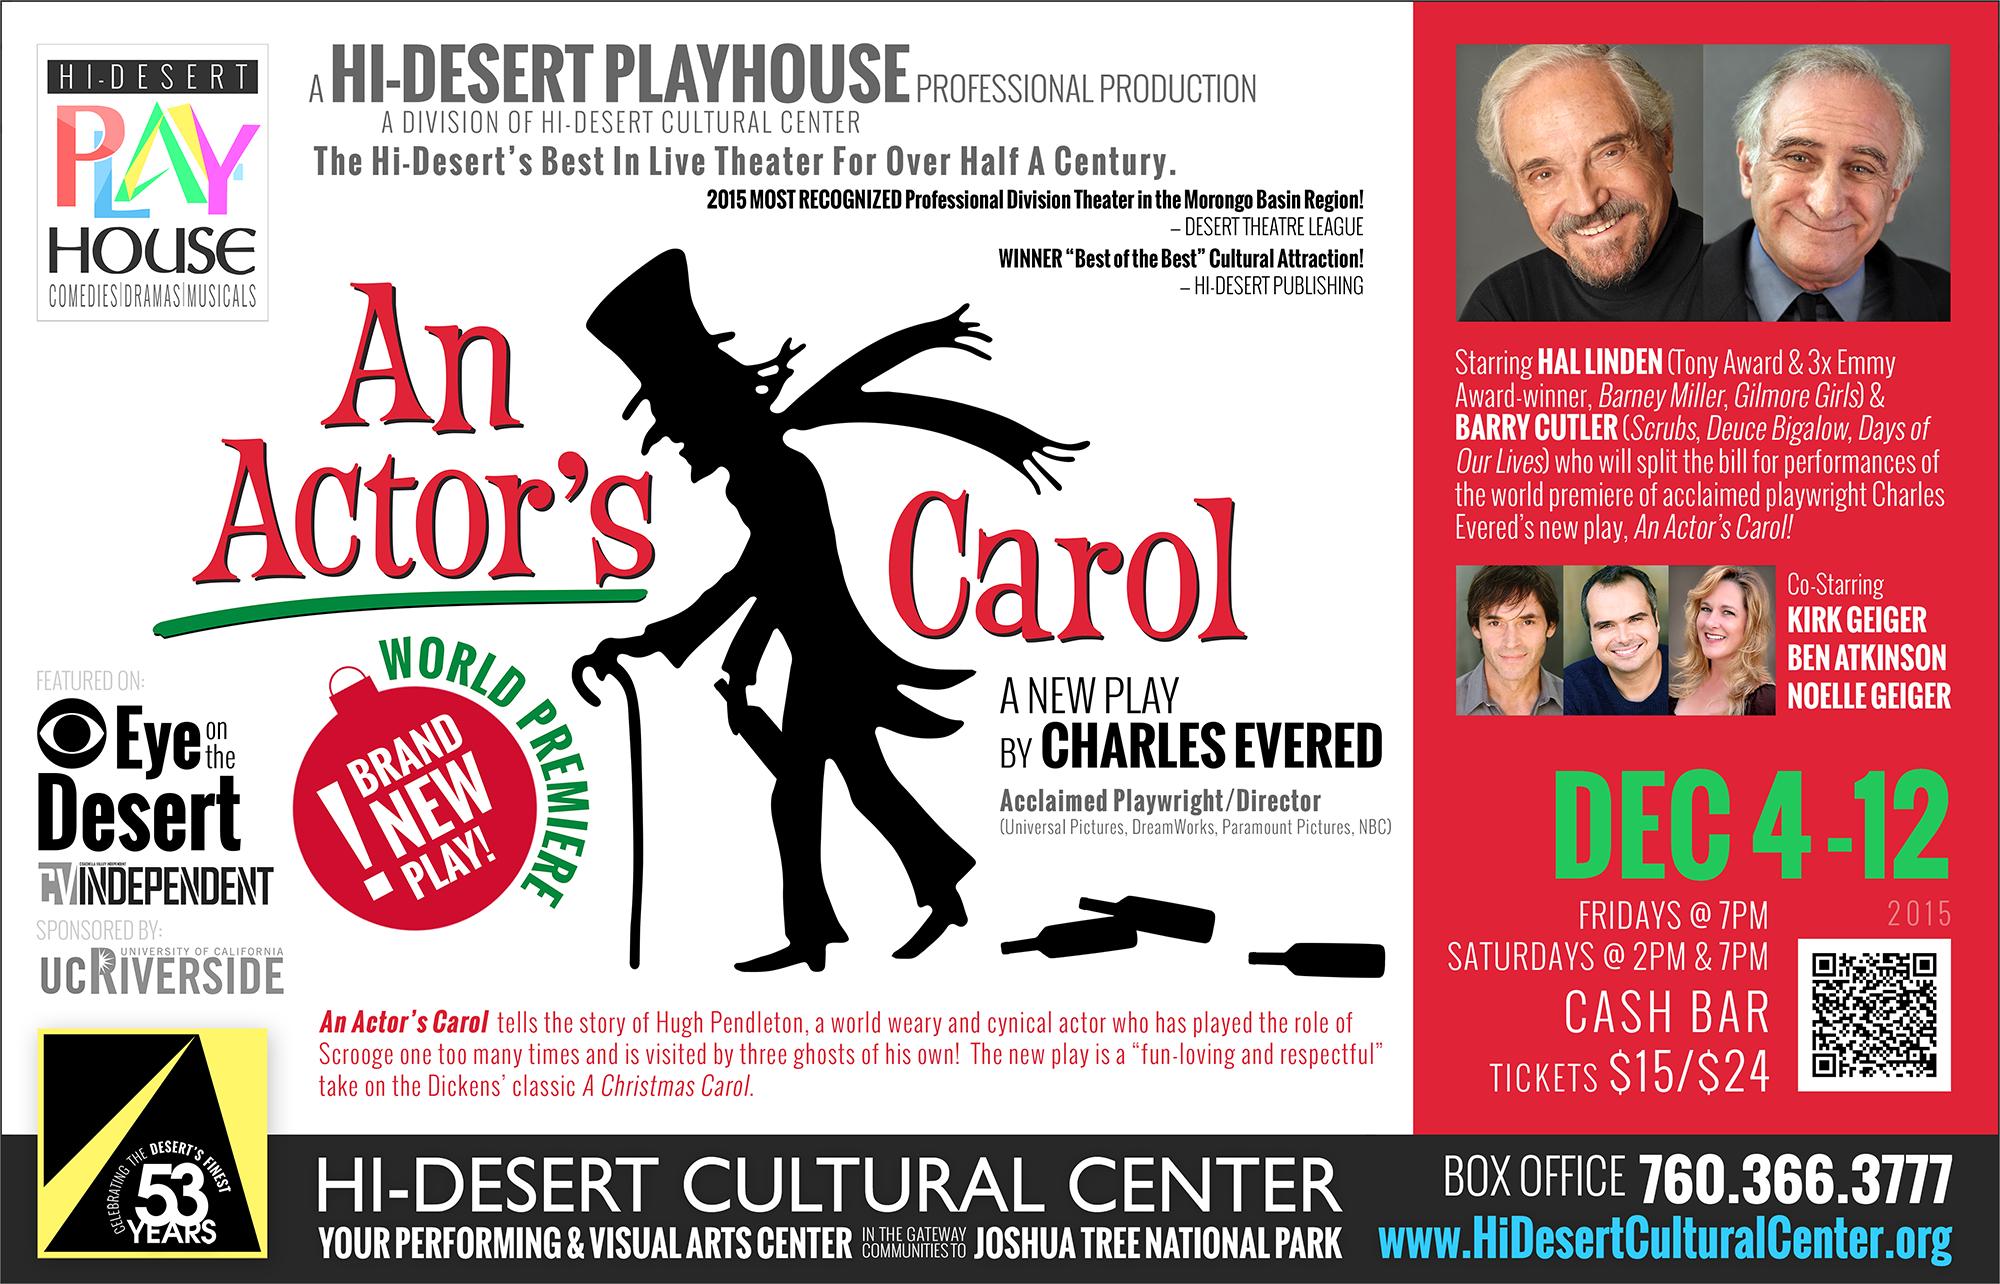 An-Actor's-Carol-Poster-2000x1284